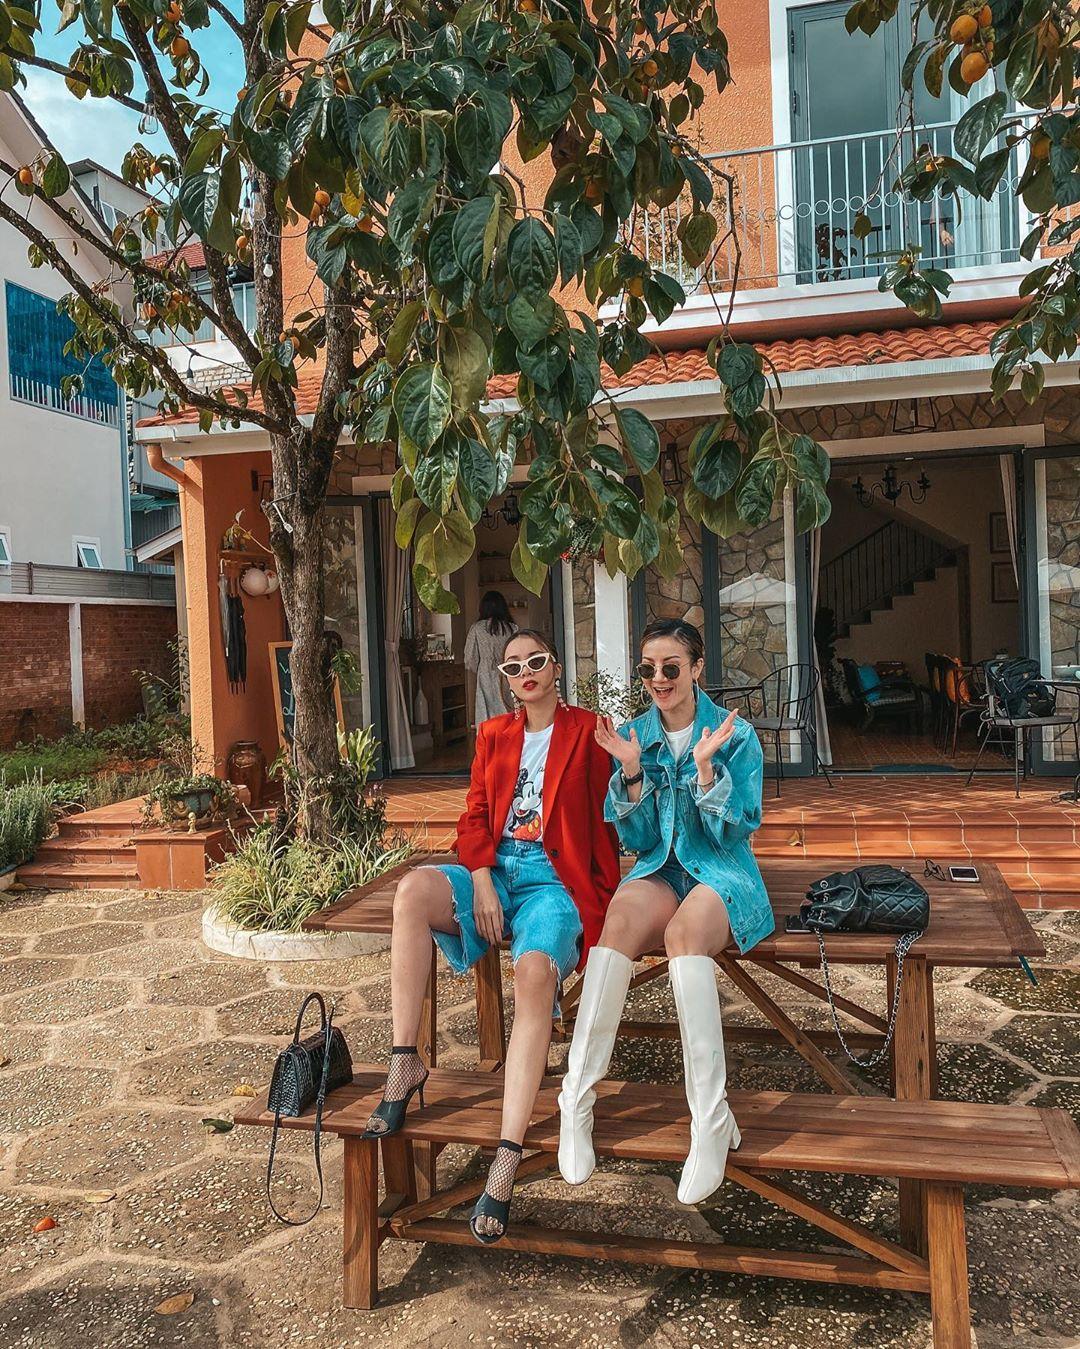 """3 kiểu áo khoác khi trở lạnh được lòng hội chị em tuổi 30+ """"nhà Vbiz"""": Phạm Quỳnh Anh nhìn như idol Kpop, Hà Tăng lại hack tuổi đỉnh cao không thua gái 18 - Ảnh 10."""